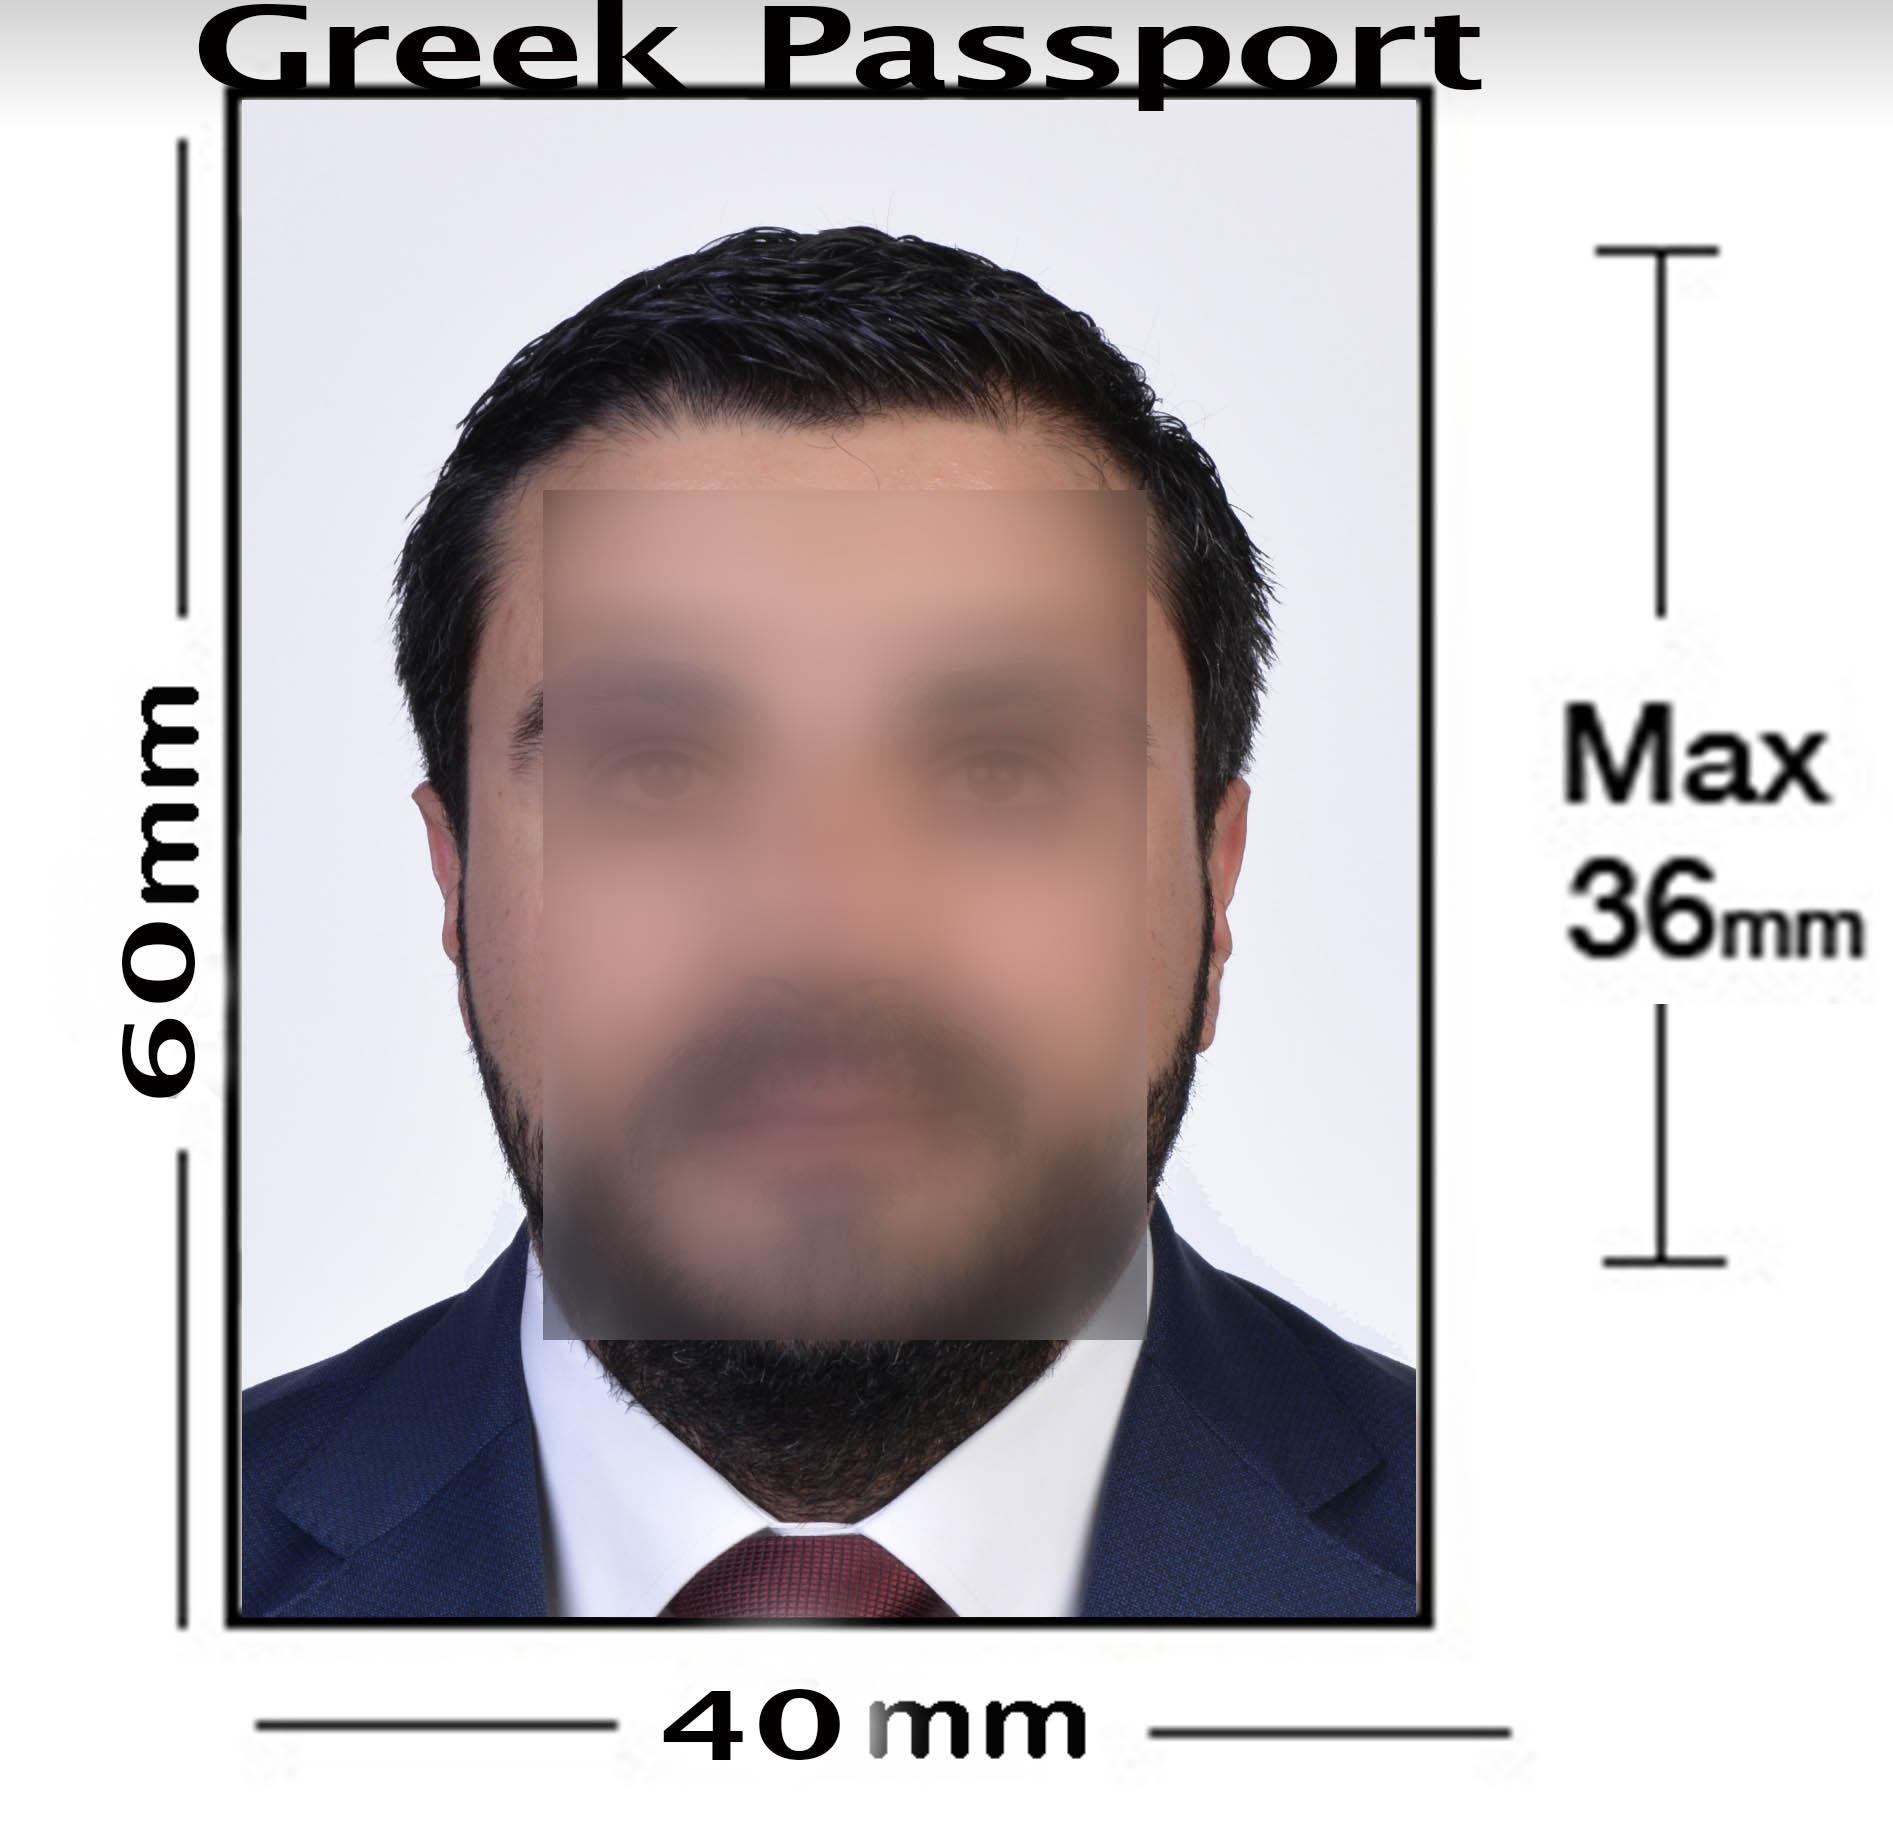 Greek Passport Photo NYC